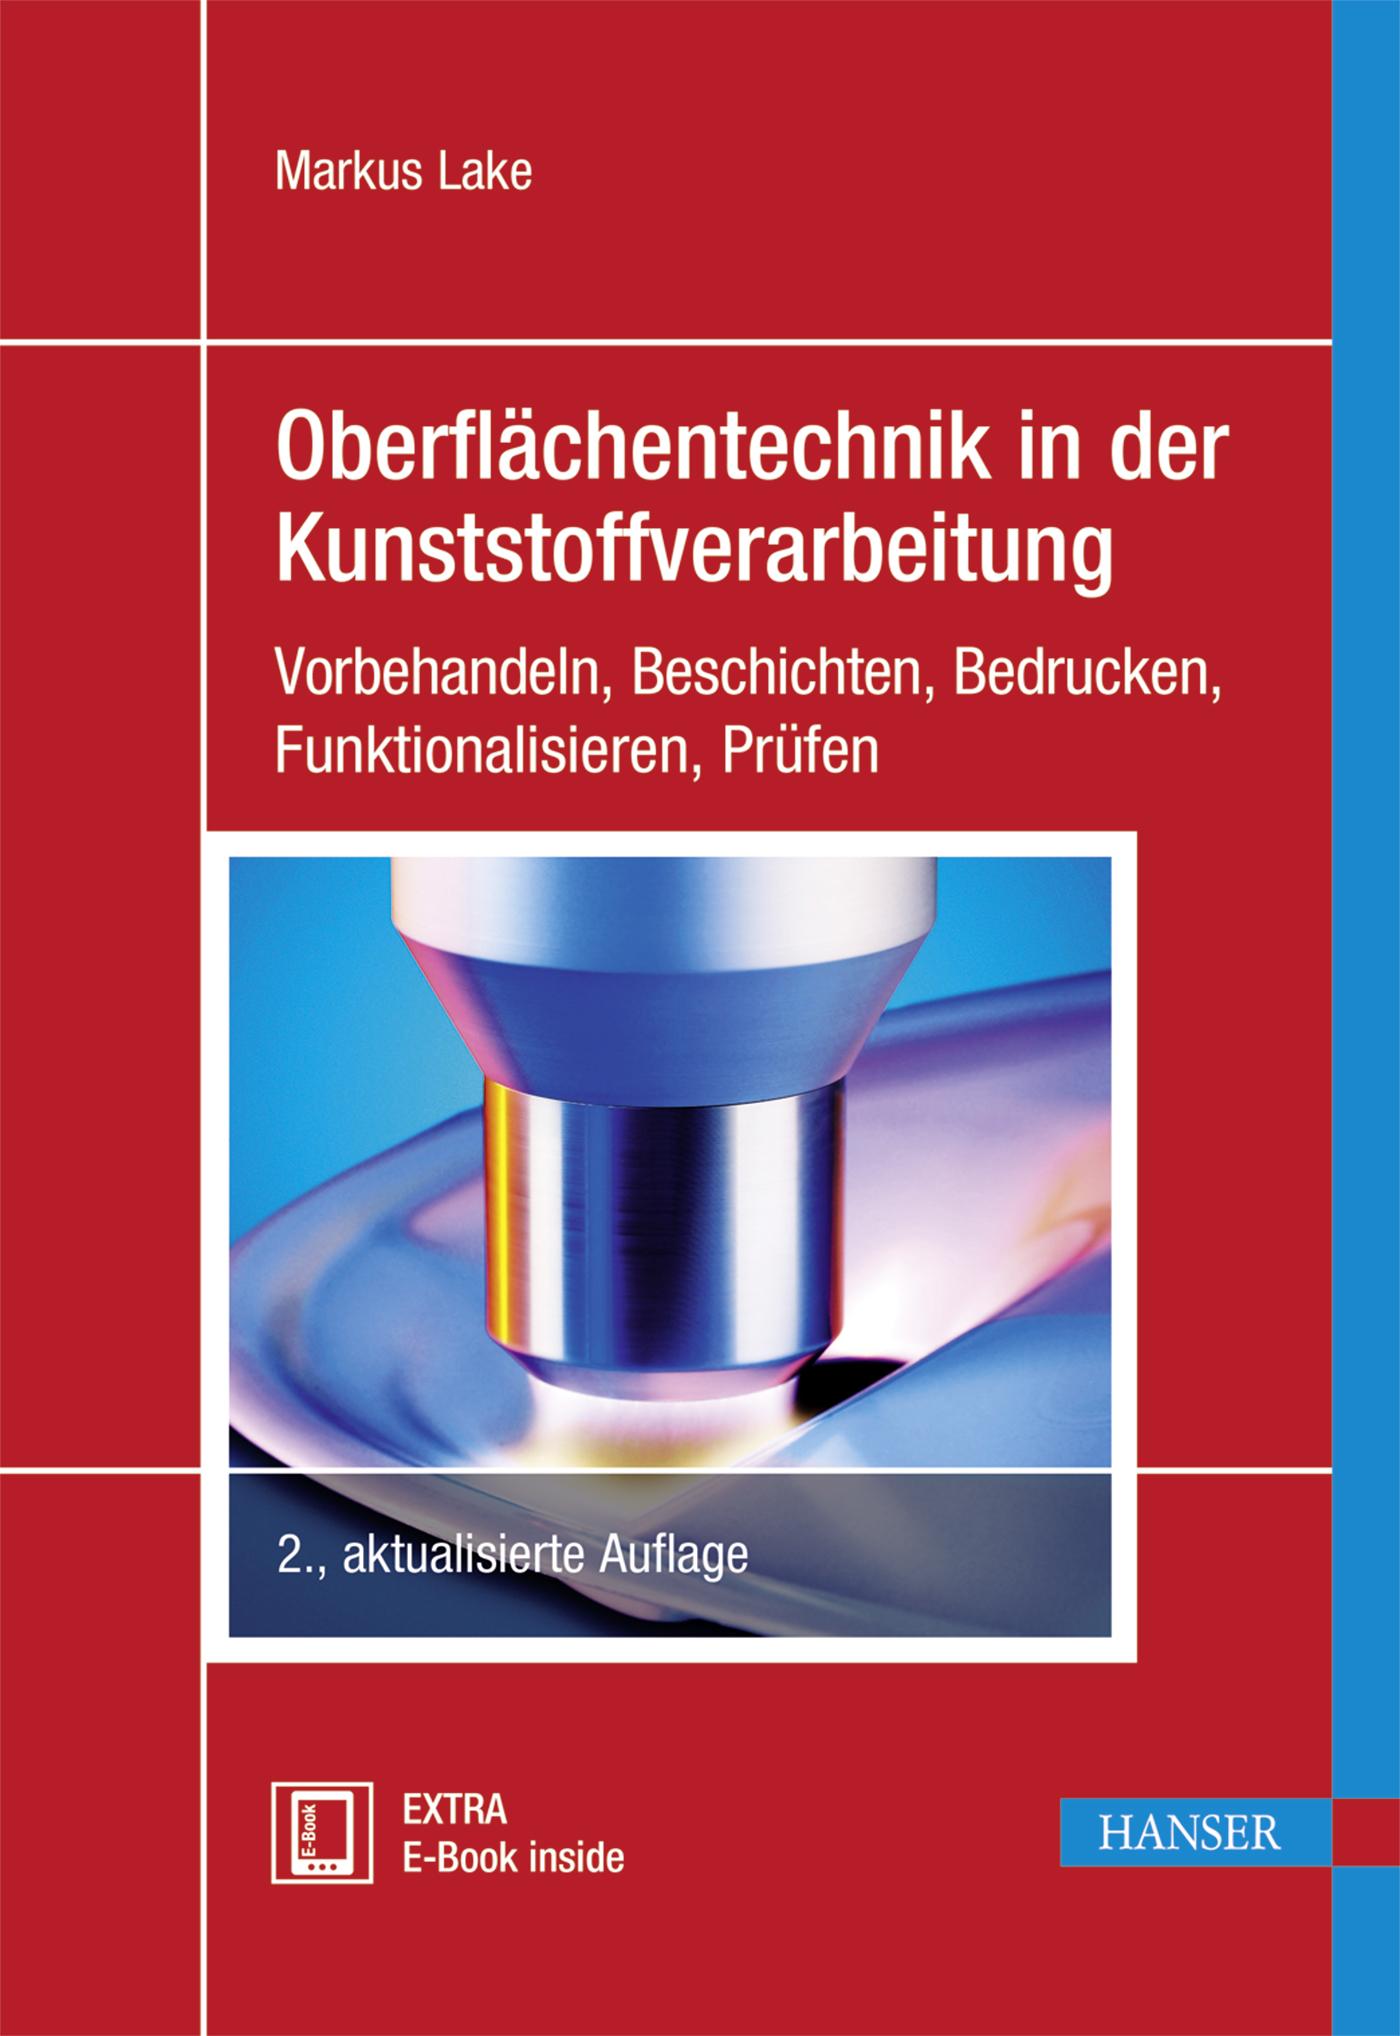 Oberflächentechnik in der Kunststoffverarbeitung, 978-3-446-44675-5